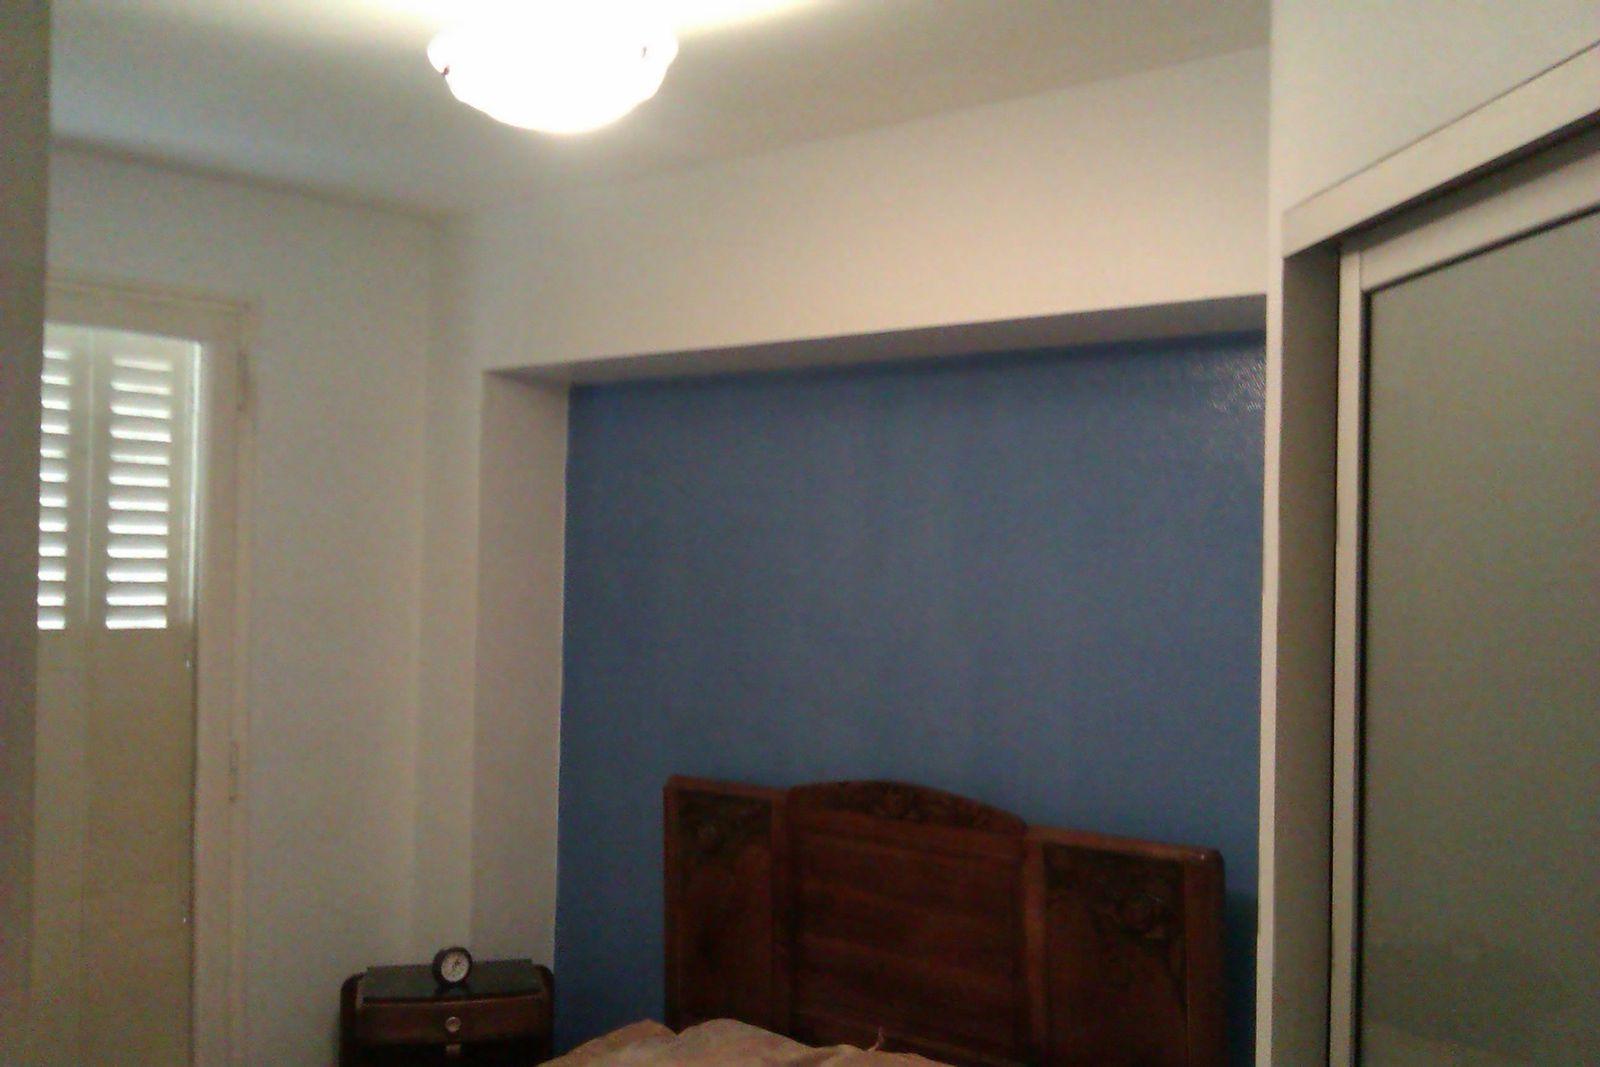 Peintures murs et plafond d 39 une chambre fr aide services peinture - Peinture plafond chambre ...